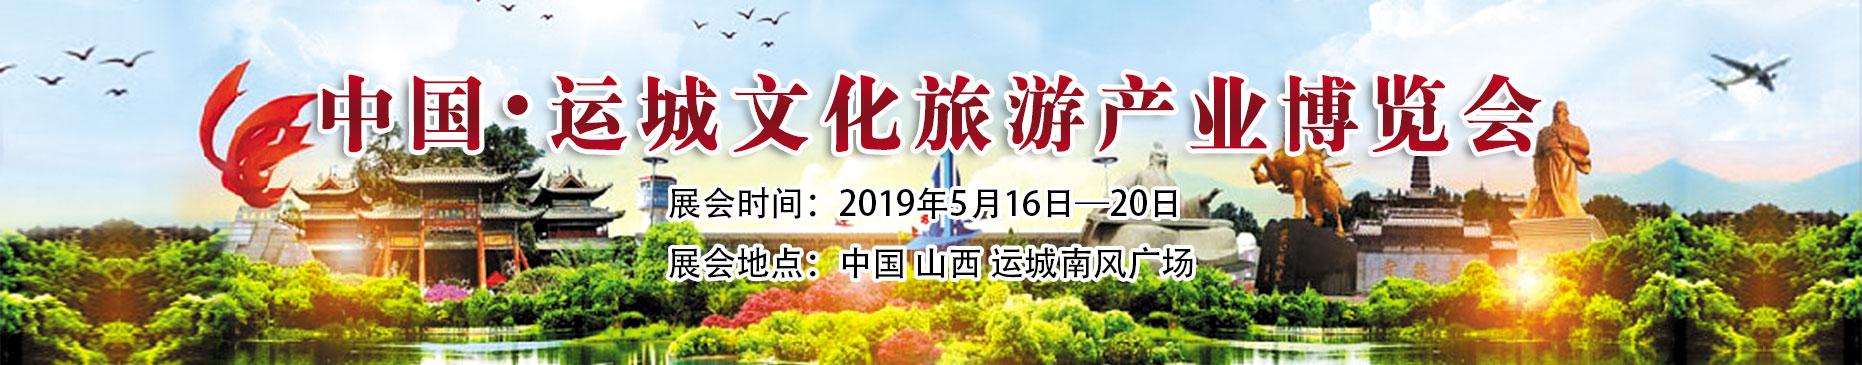 2019中國·運城文化旅游產業博覽會